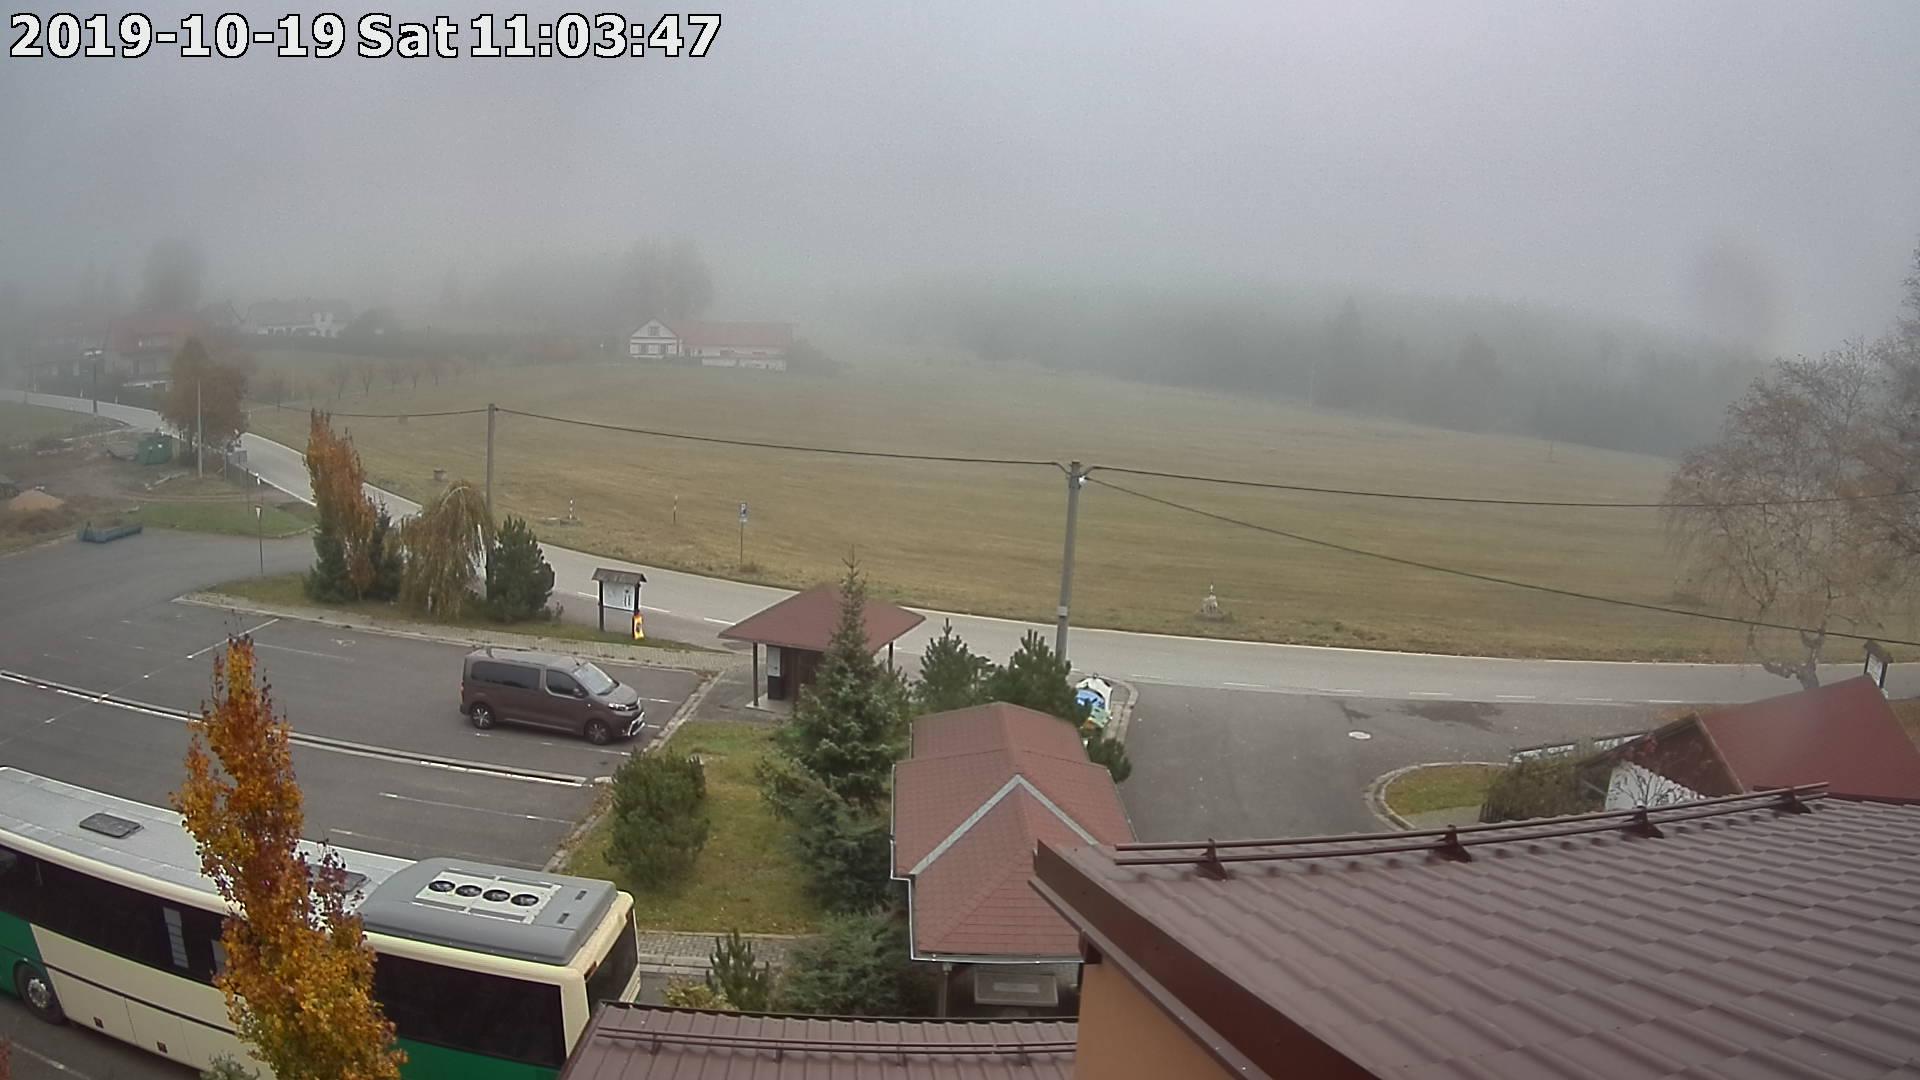 Webkamera ze dne 2019-10-19